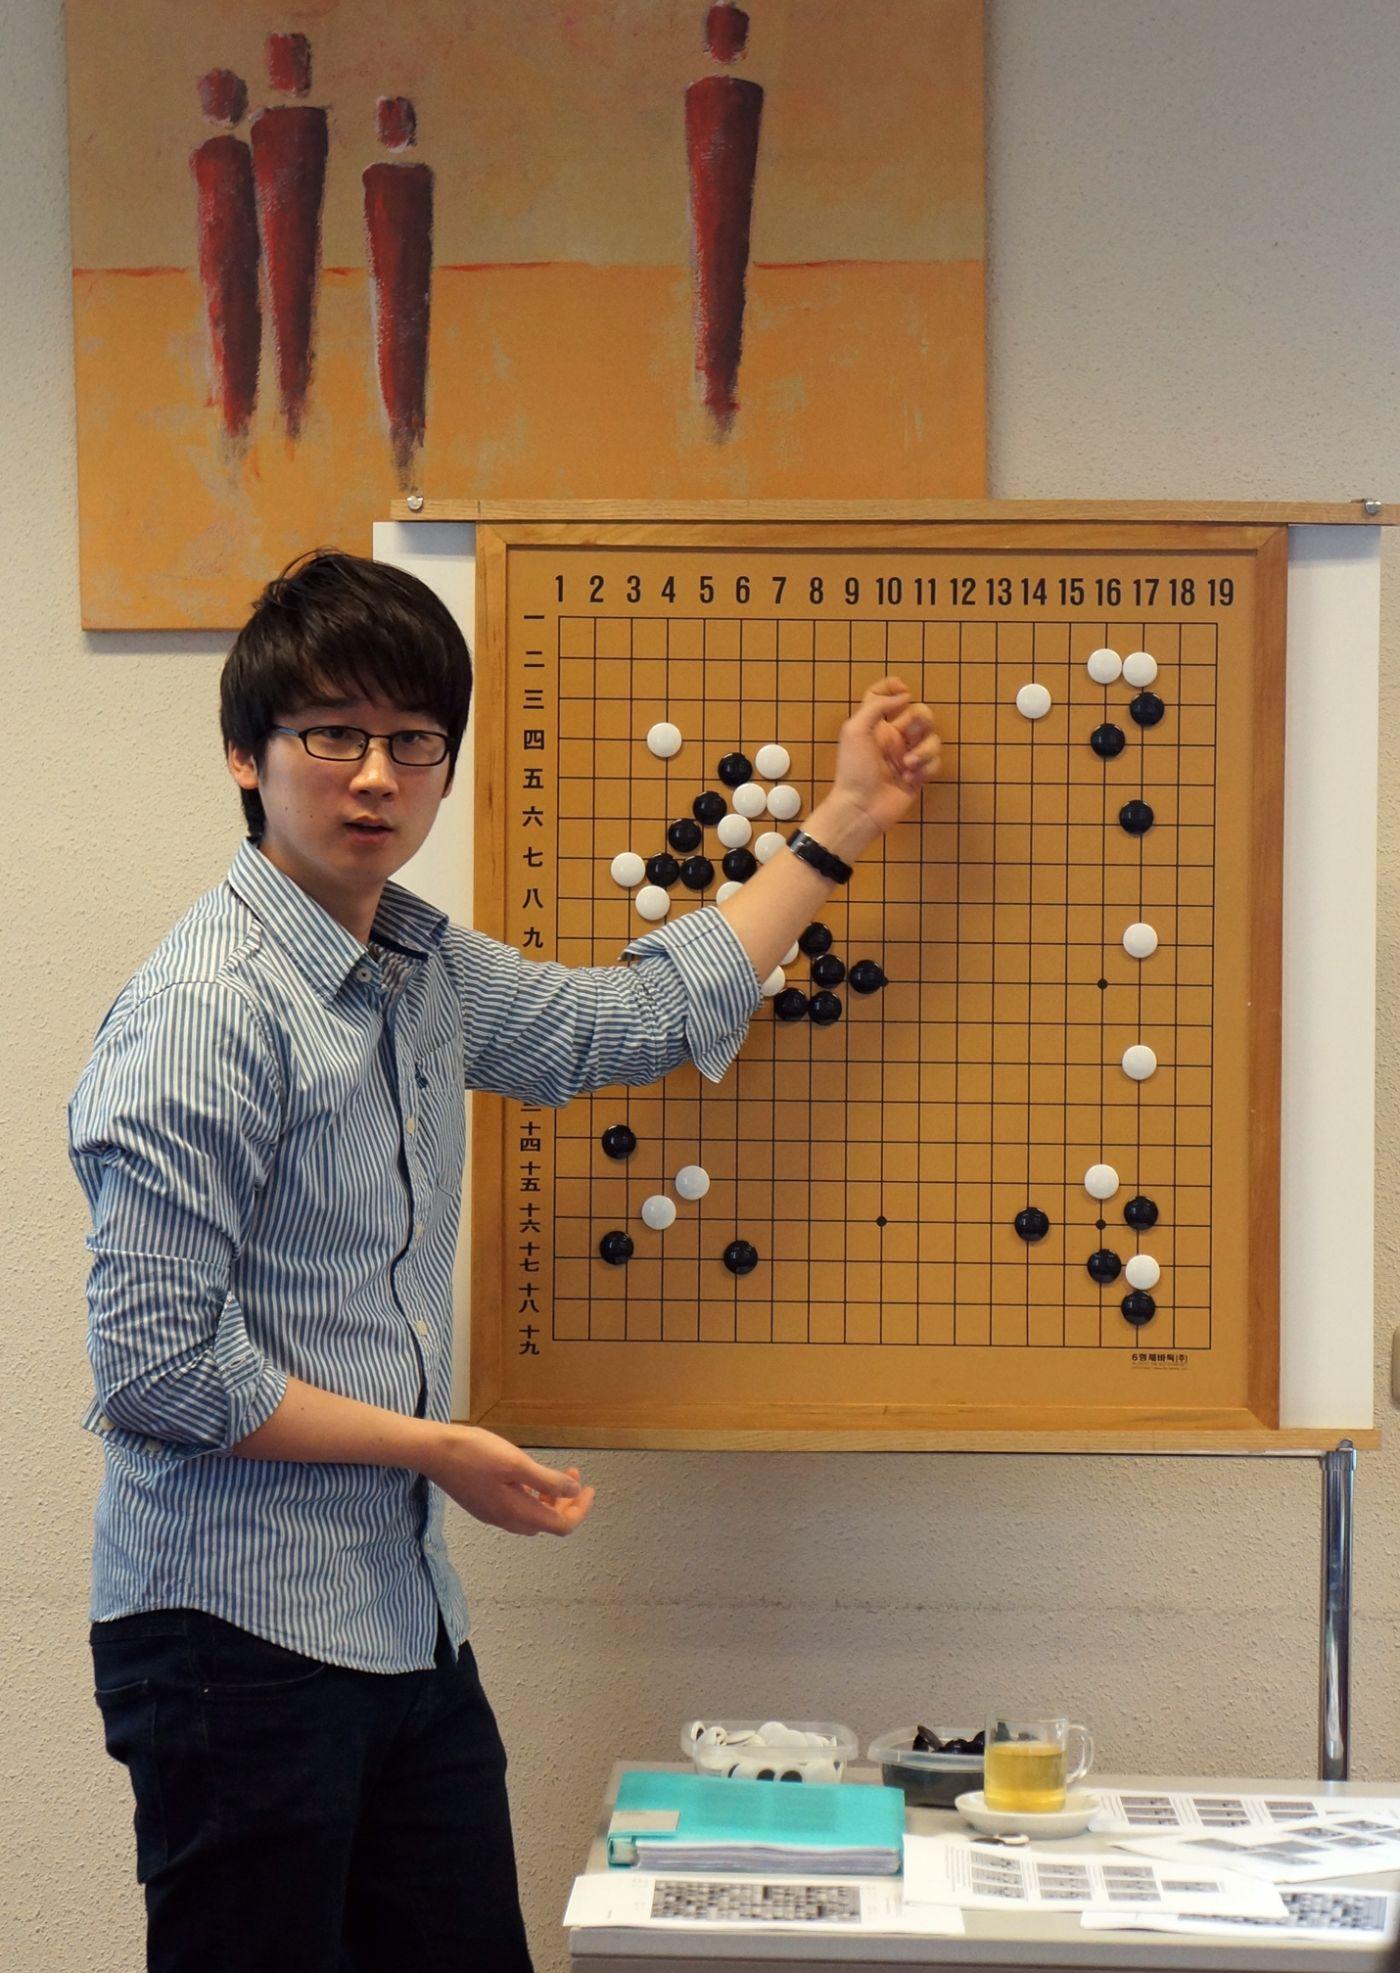 http://www.yunguseng.com/pics/hwang_in-seong.jpg